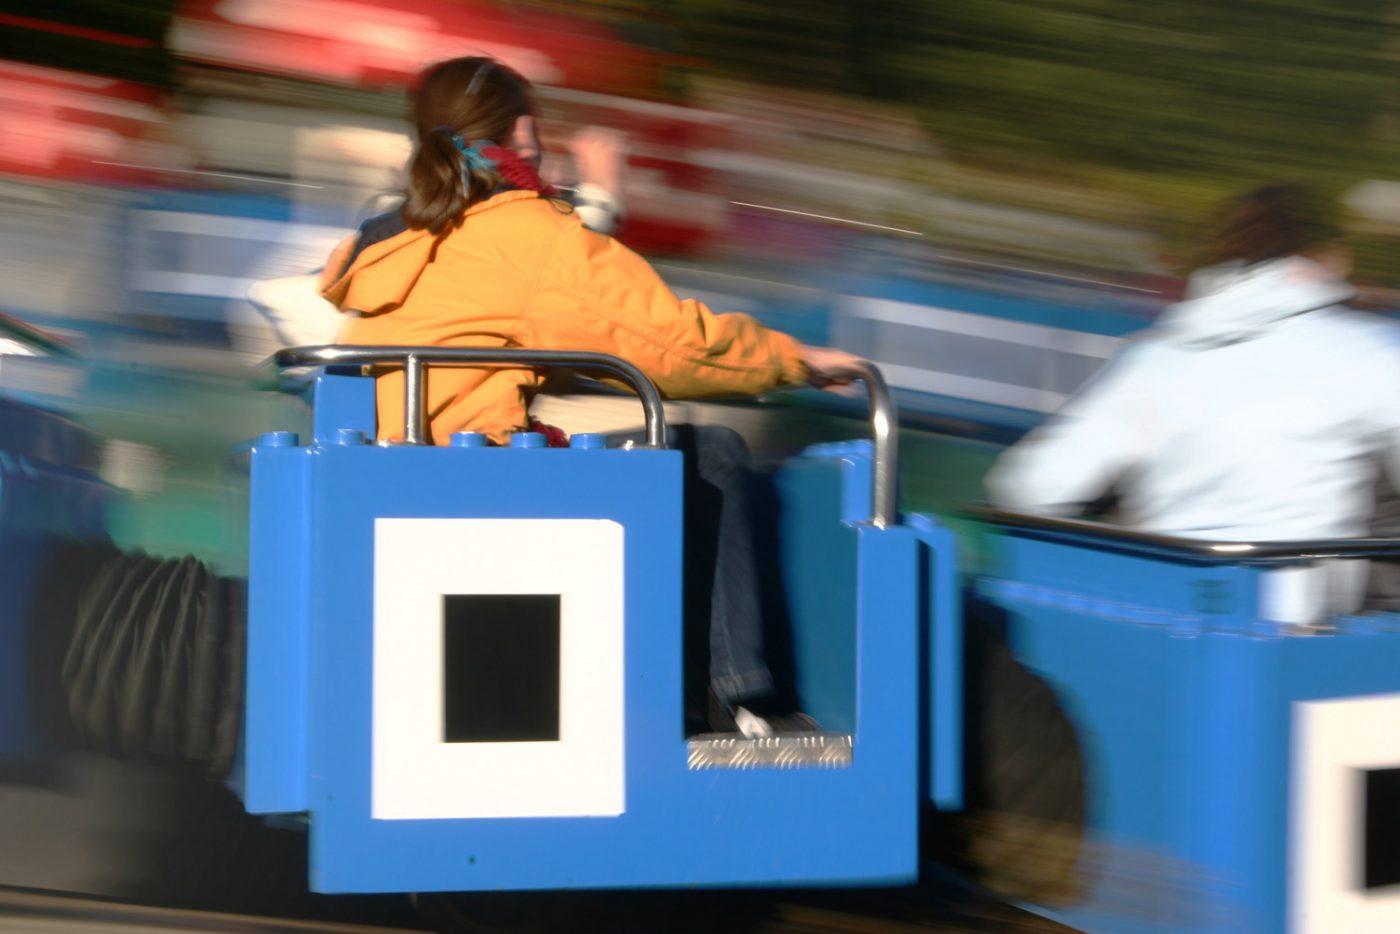 Ein Fahrgeschäft im Legoland in Dänemark.